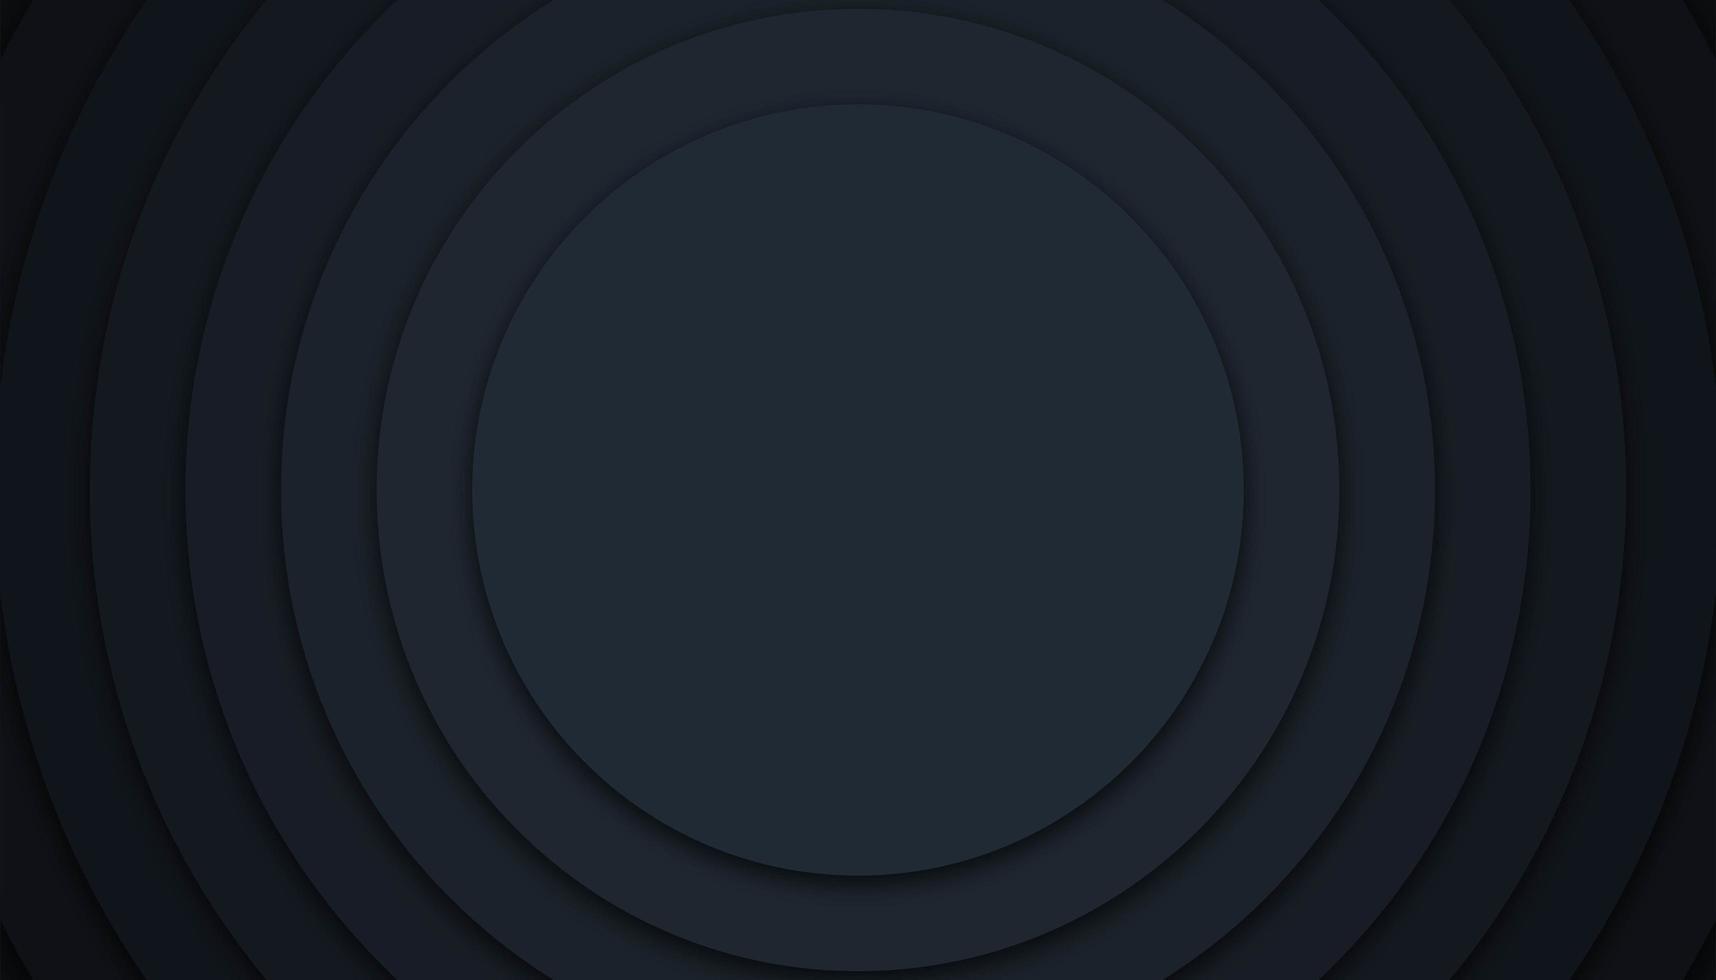 schwarzes kreisförmiges geometrisches Schichtdesign vektor